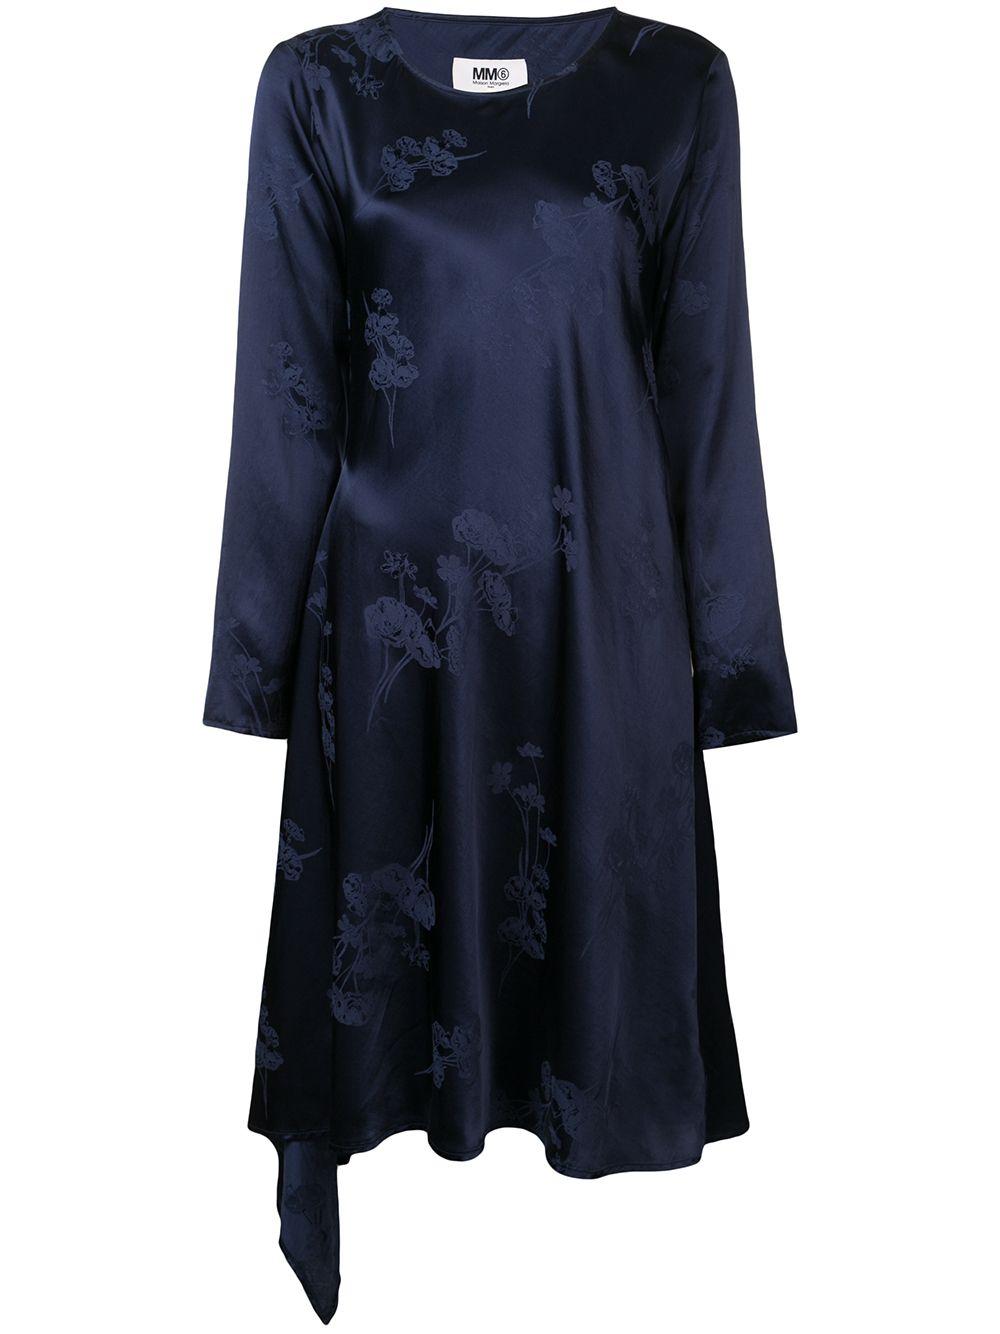 MM6 Maison Margiela   Floral Print Dress